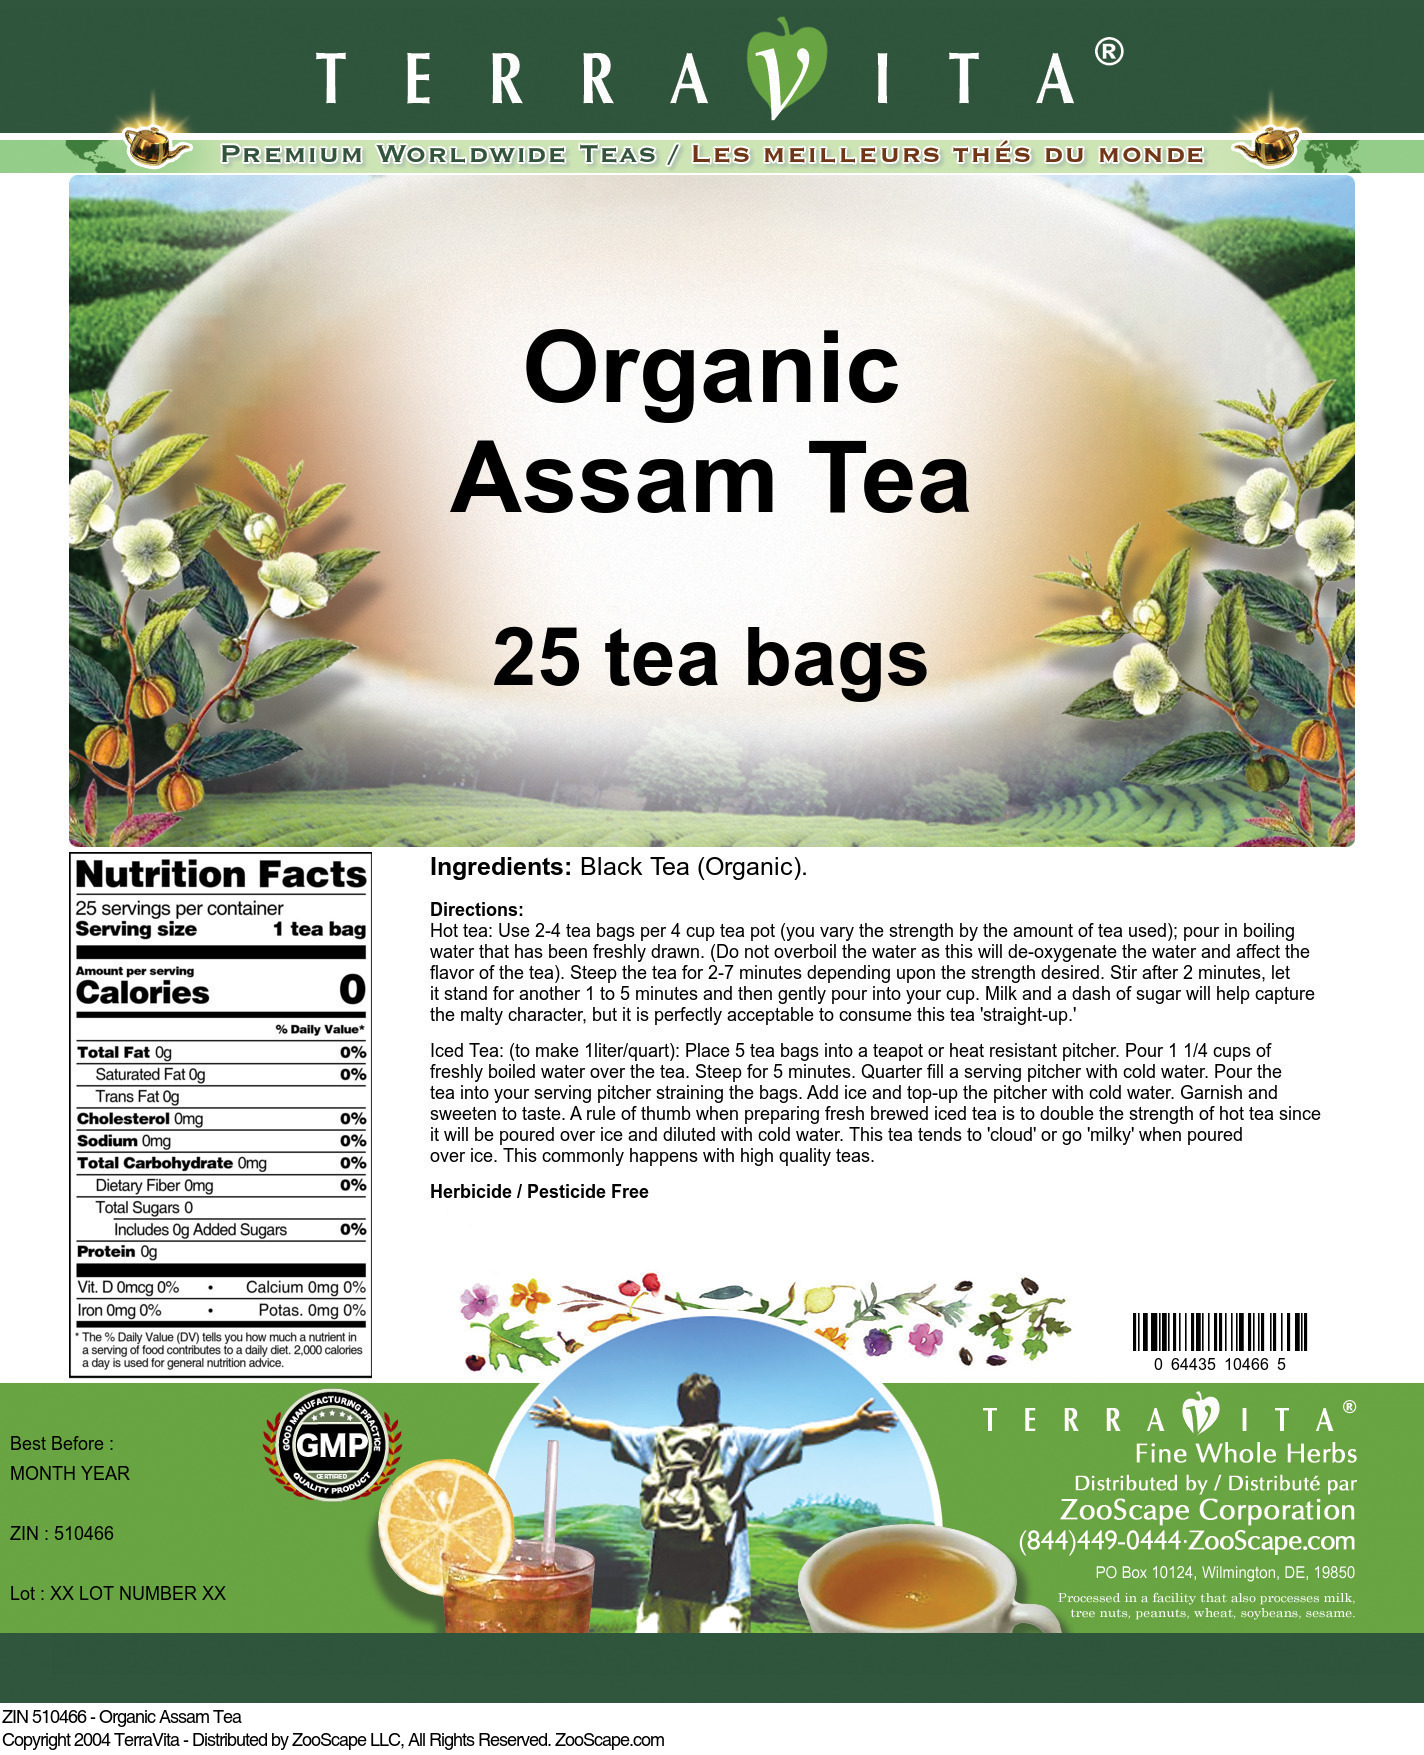 Organic Assam Tea